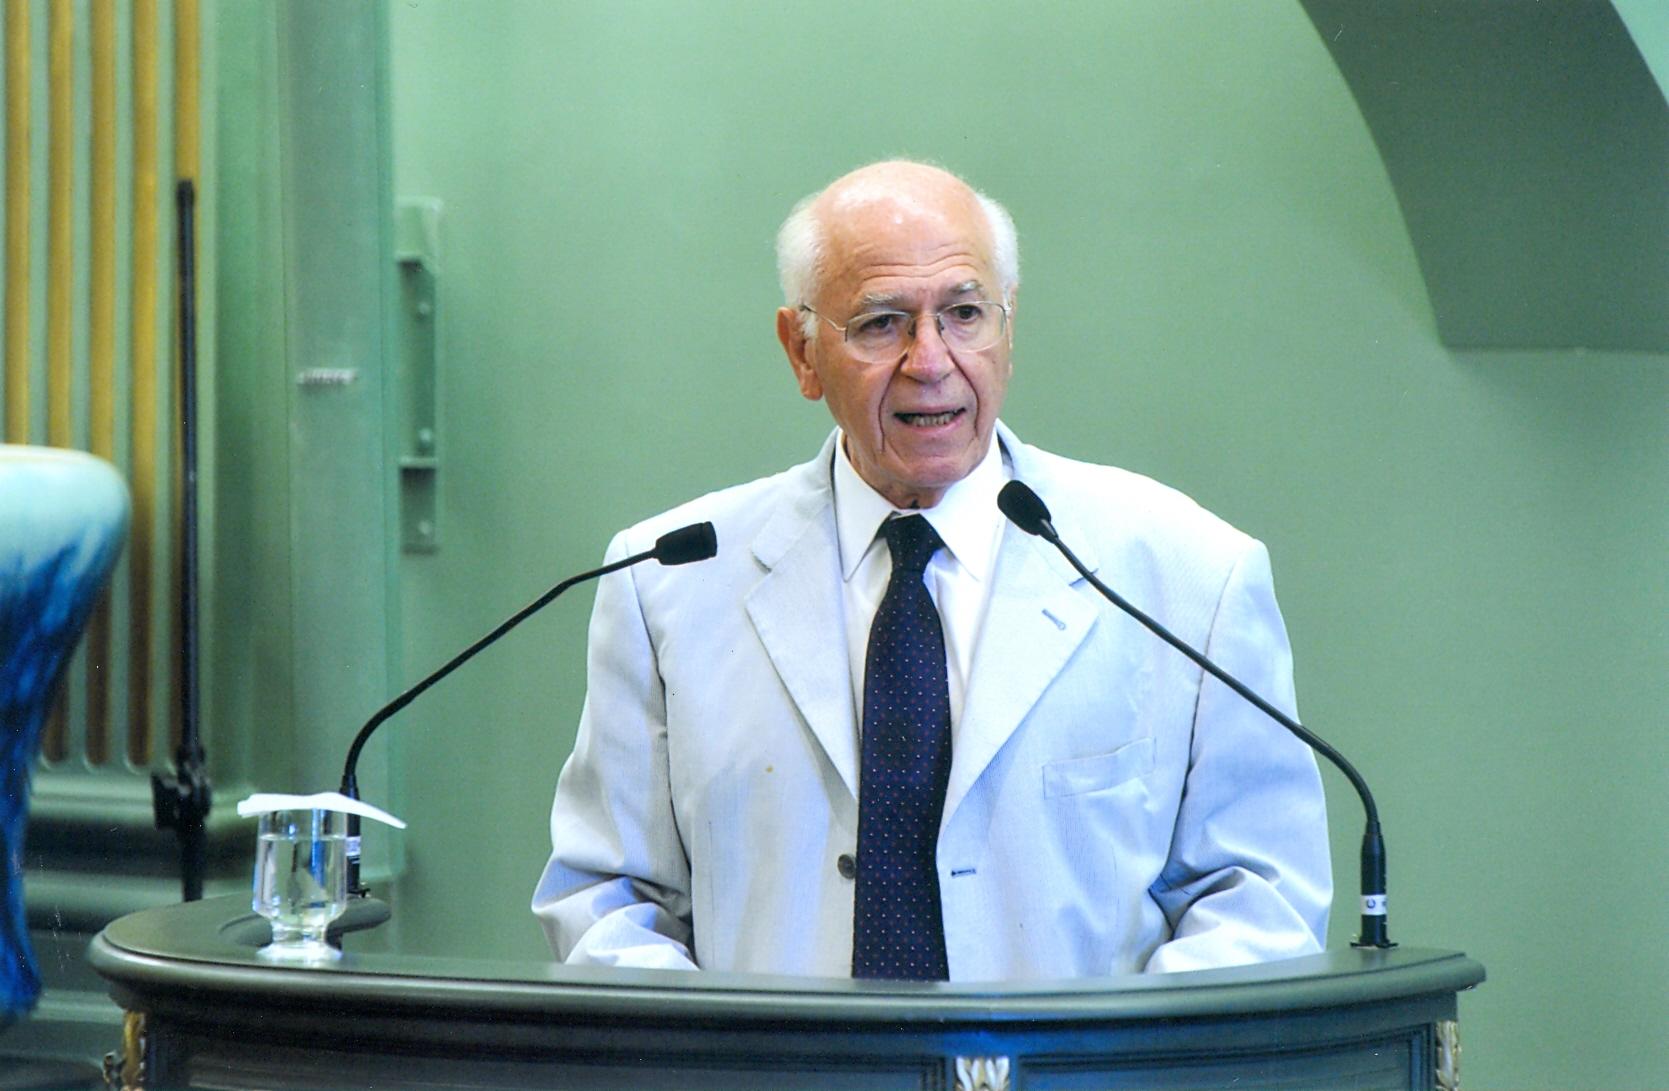 O professor da FEA, que tem mais de 30 livros publicados, em discurso na Academia Brasileira de Letras